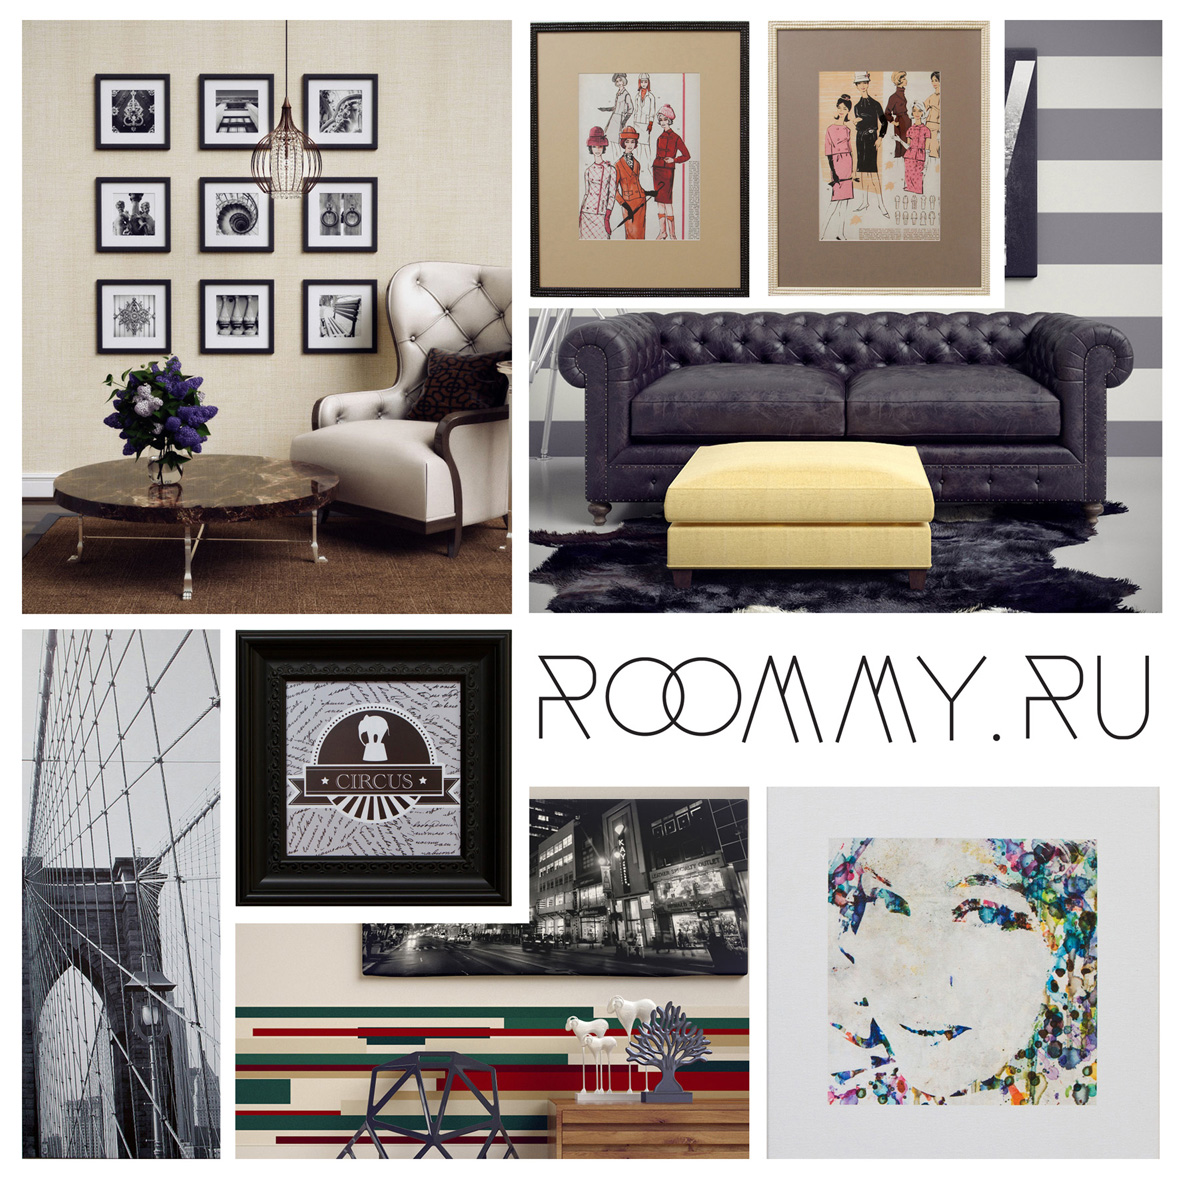 roommy.ru